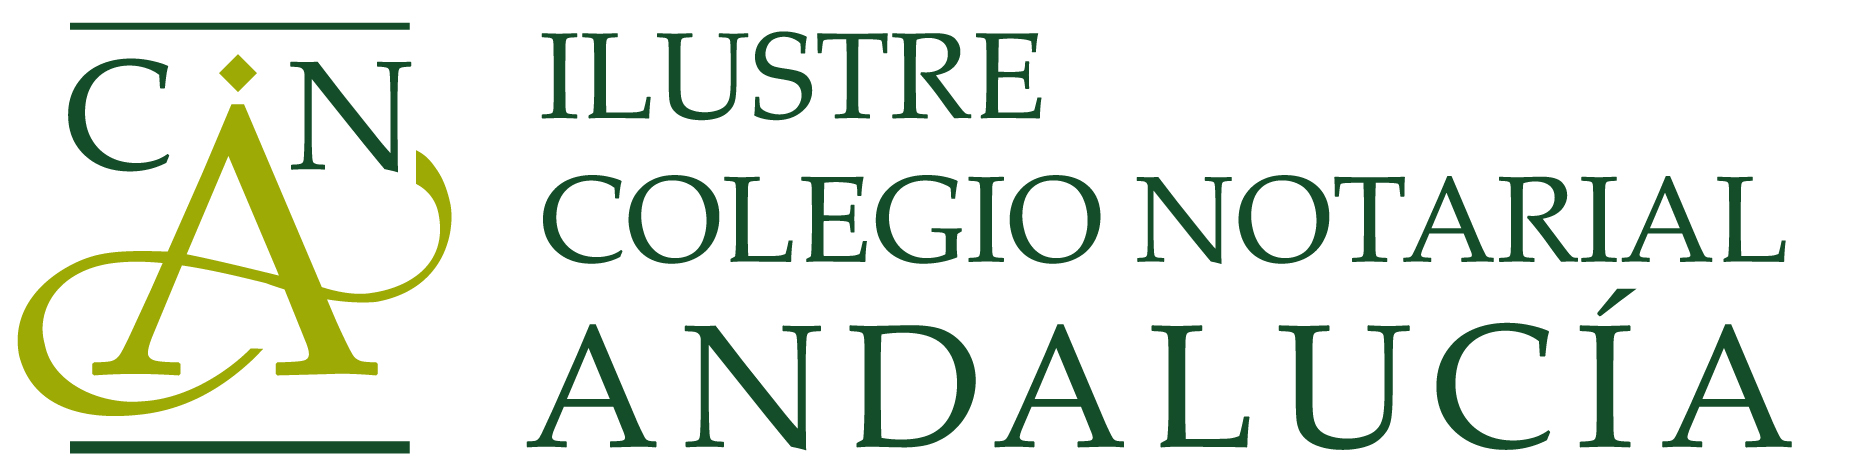 NOTA DE PRENSA/ANDALUCÍA: EL INCREMENTO DE NUEVAS SOCIEDADES EN ANDALUCÍA, POR ENCIMA DE LA MEDIA NACIONAL, 155,6% FRENTE AL 116,5%